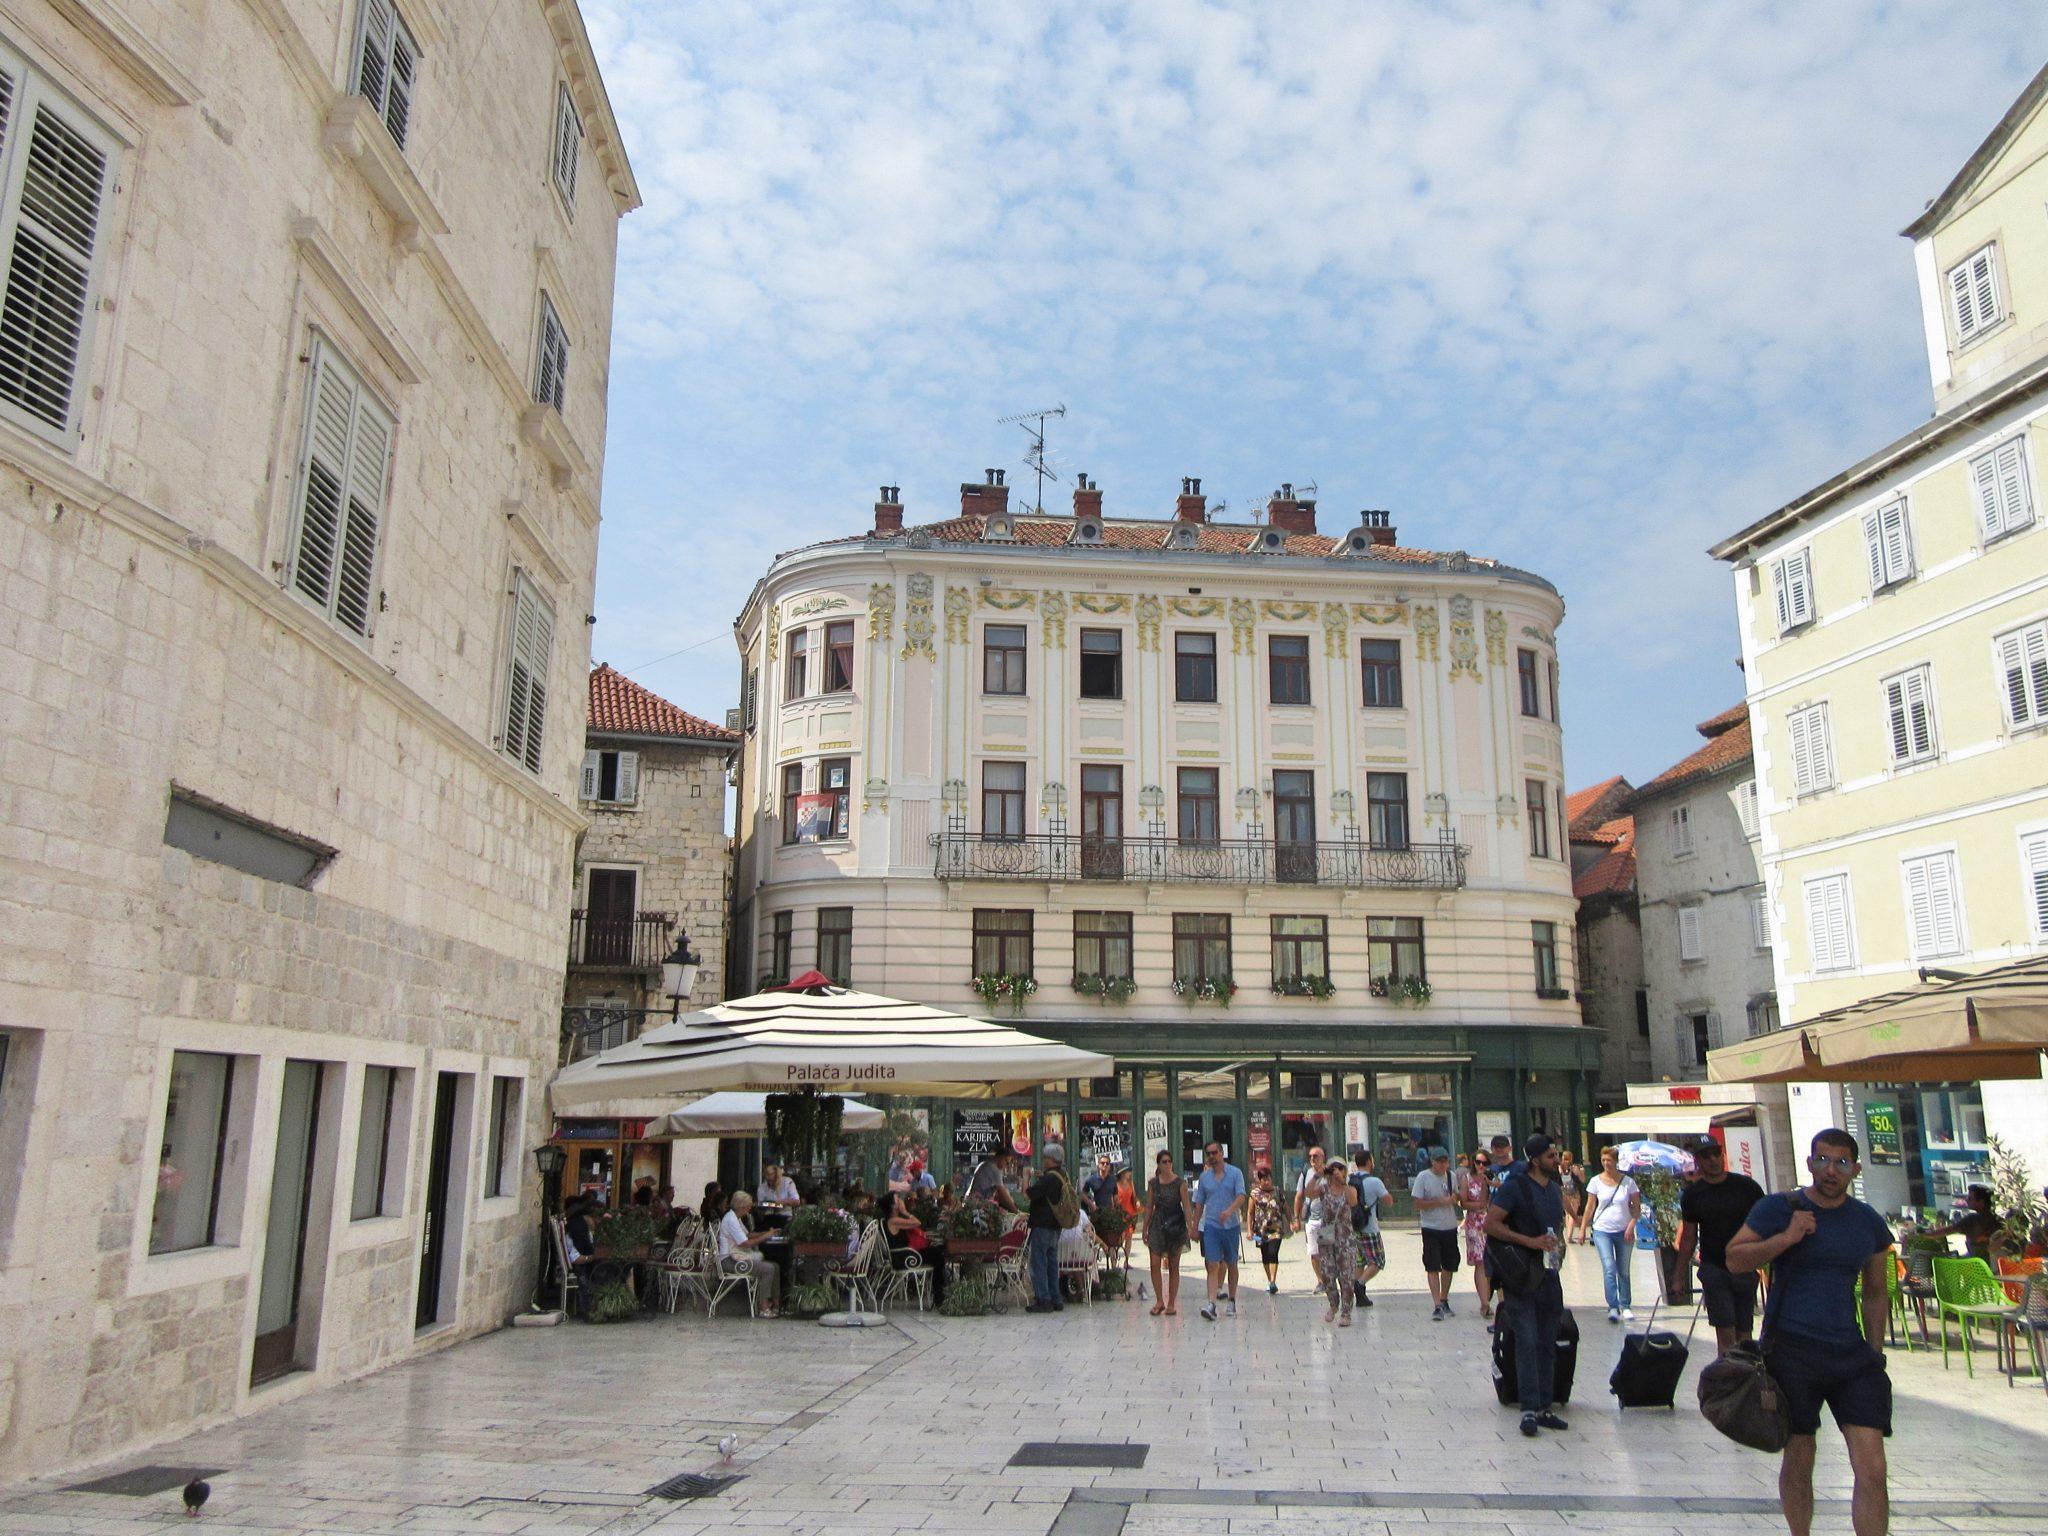 Narodni Trg - People's Square, Split, Croatia